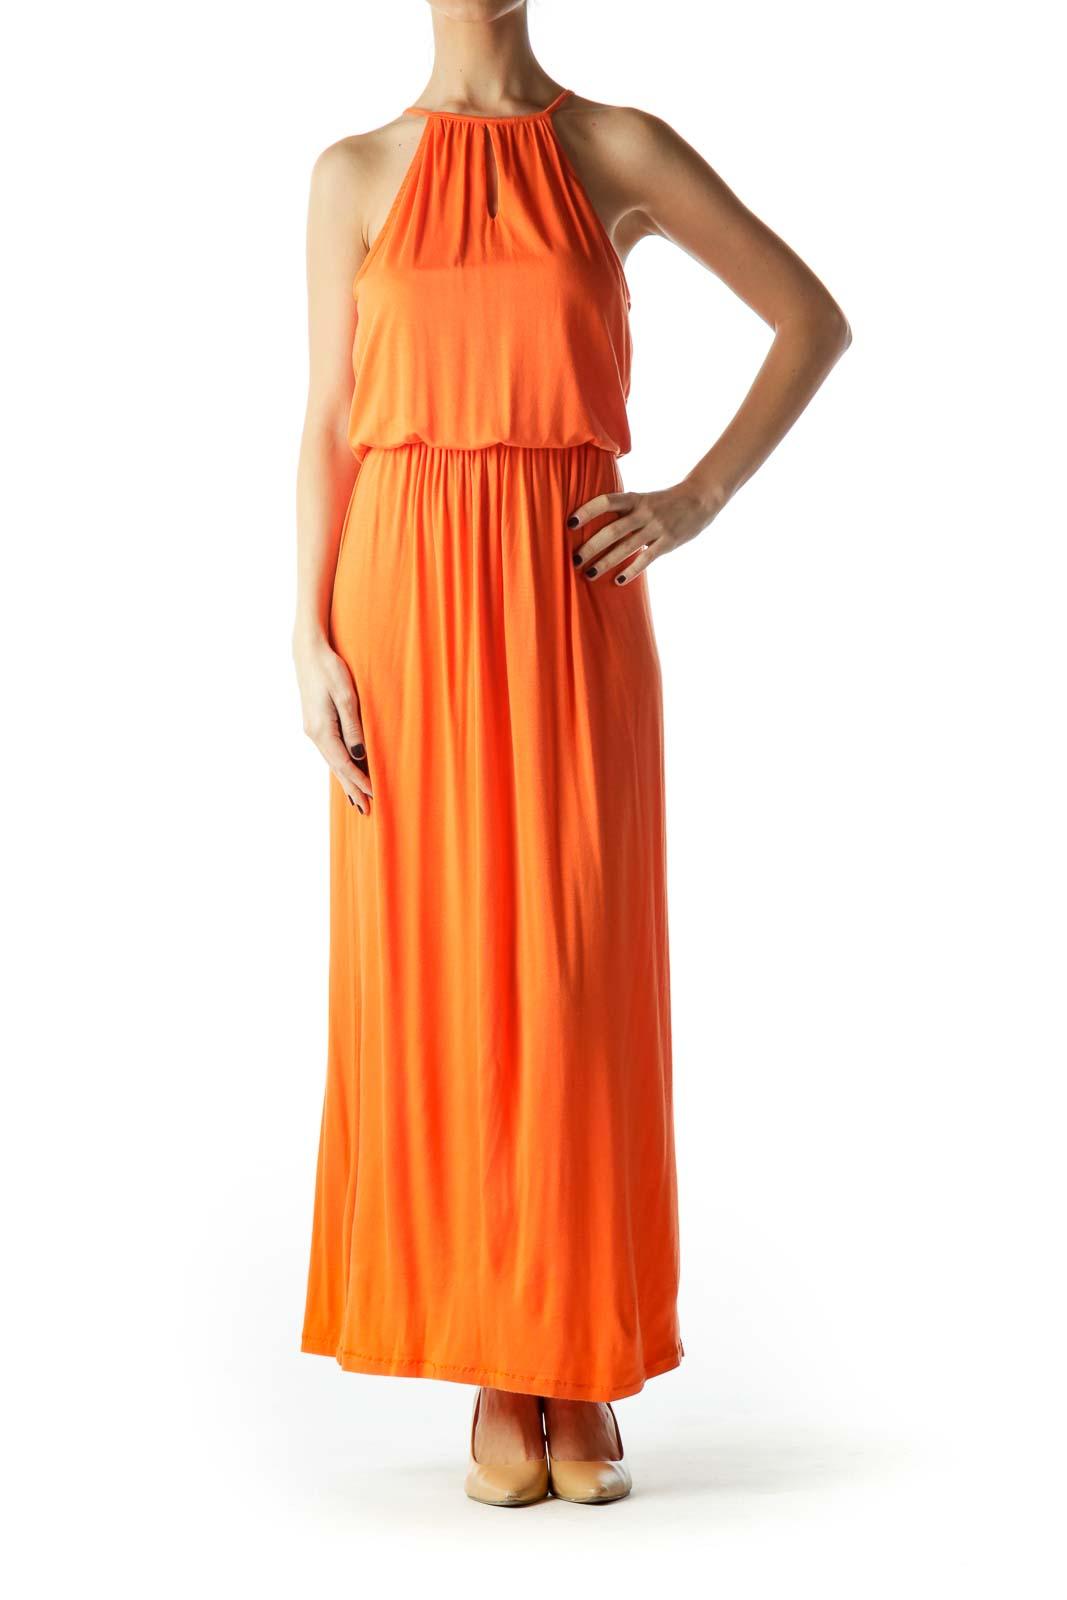 Orange Halter Neck Empire Waist Maxi Dress Front